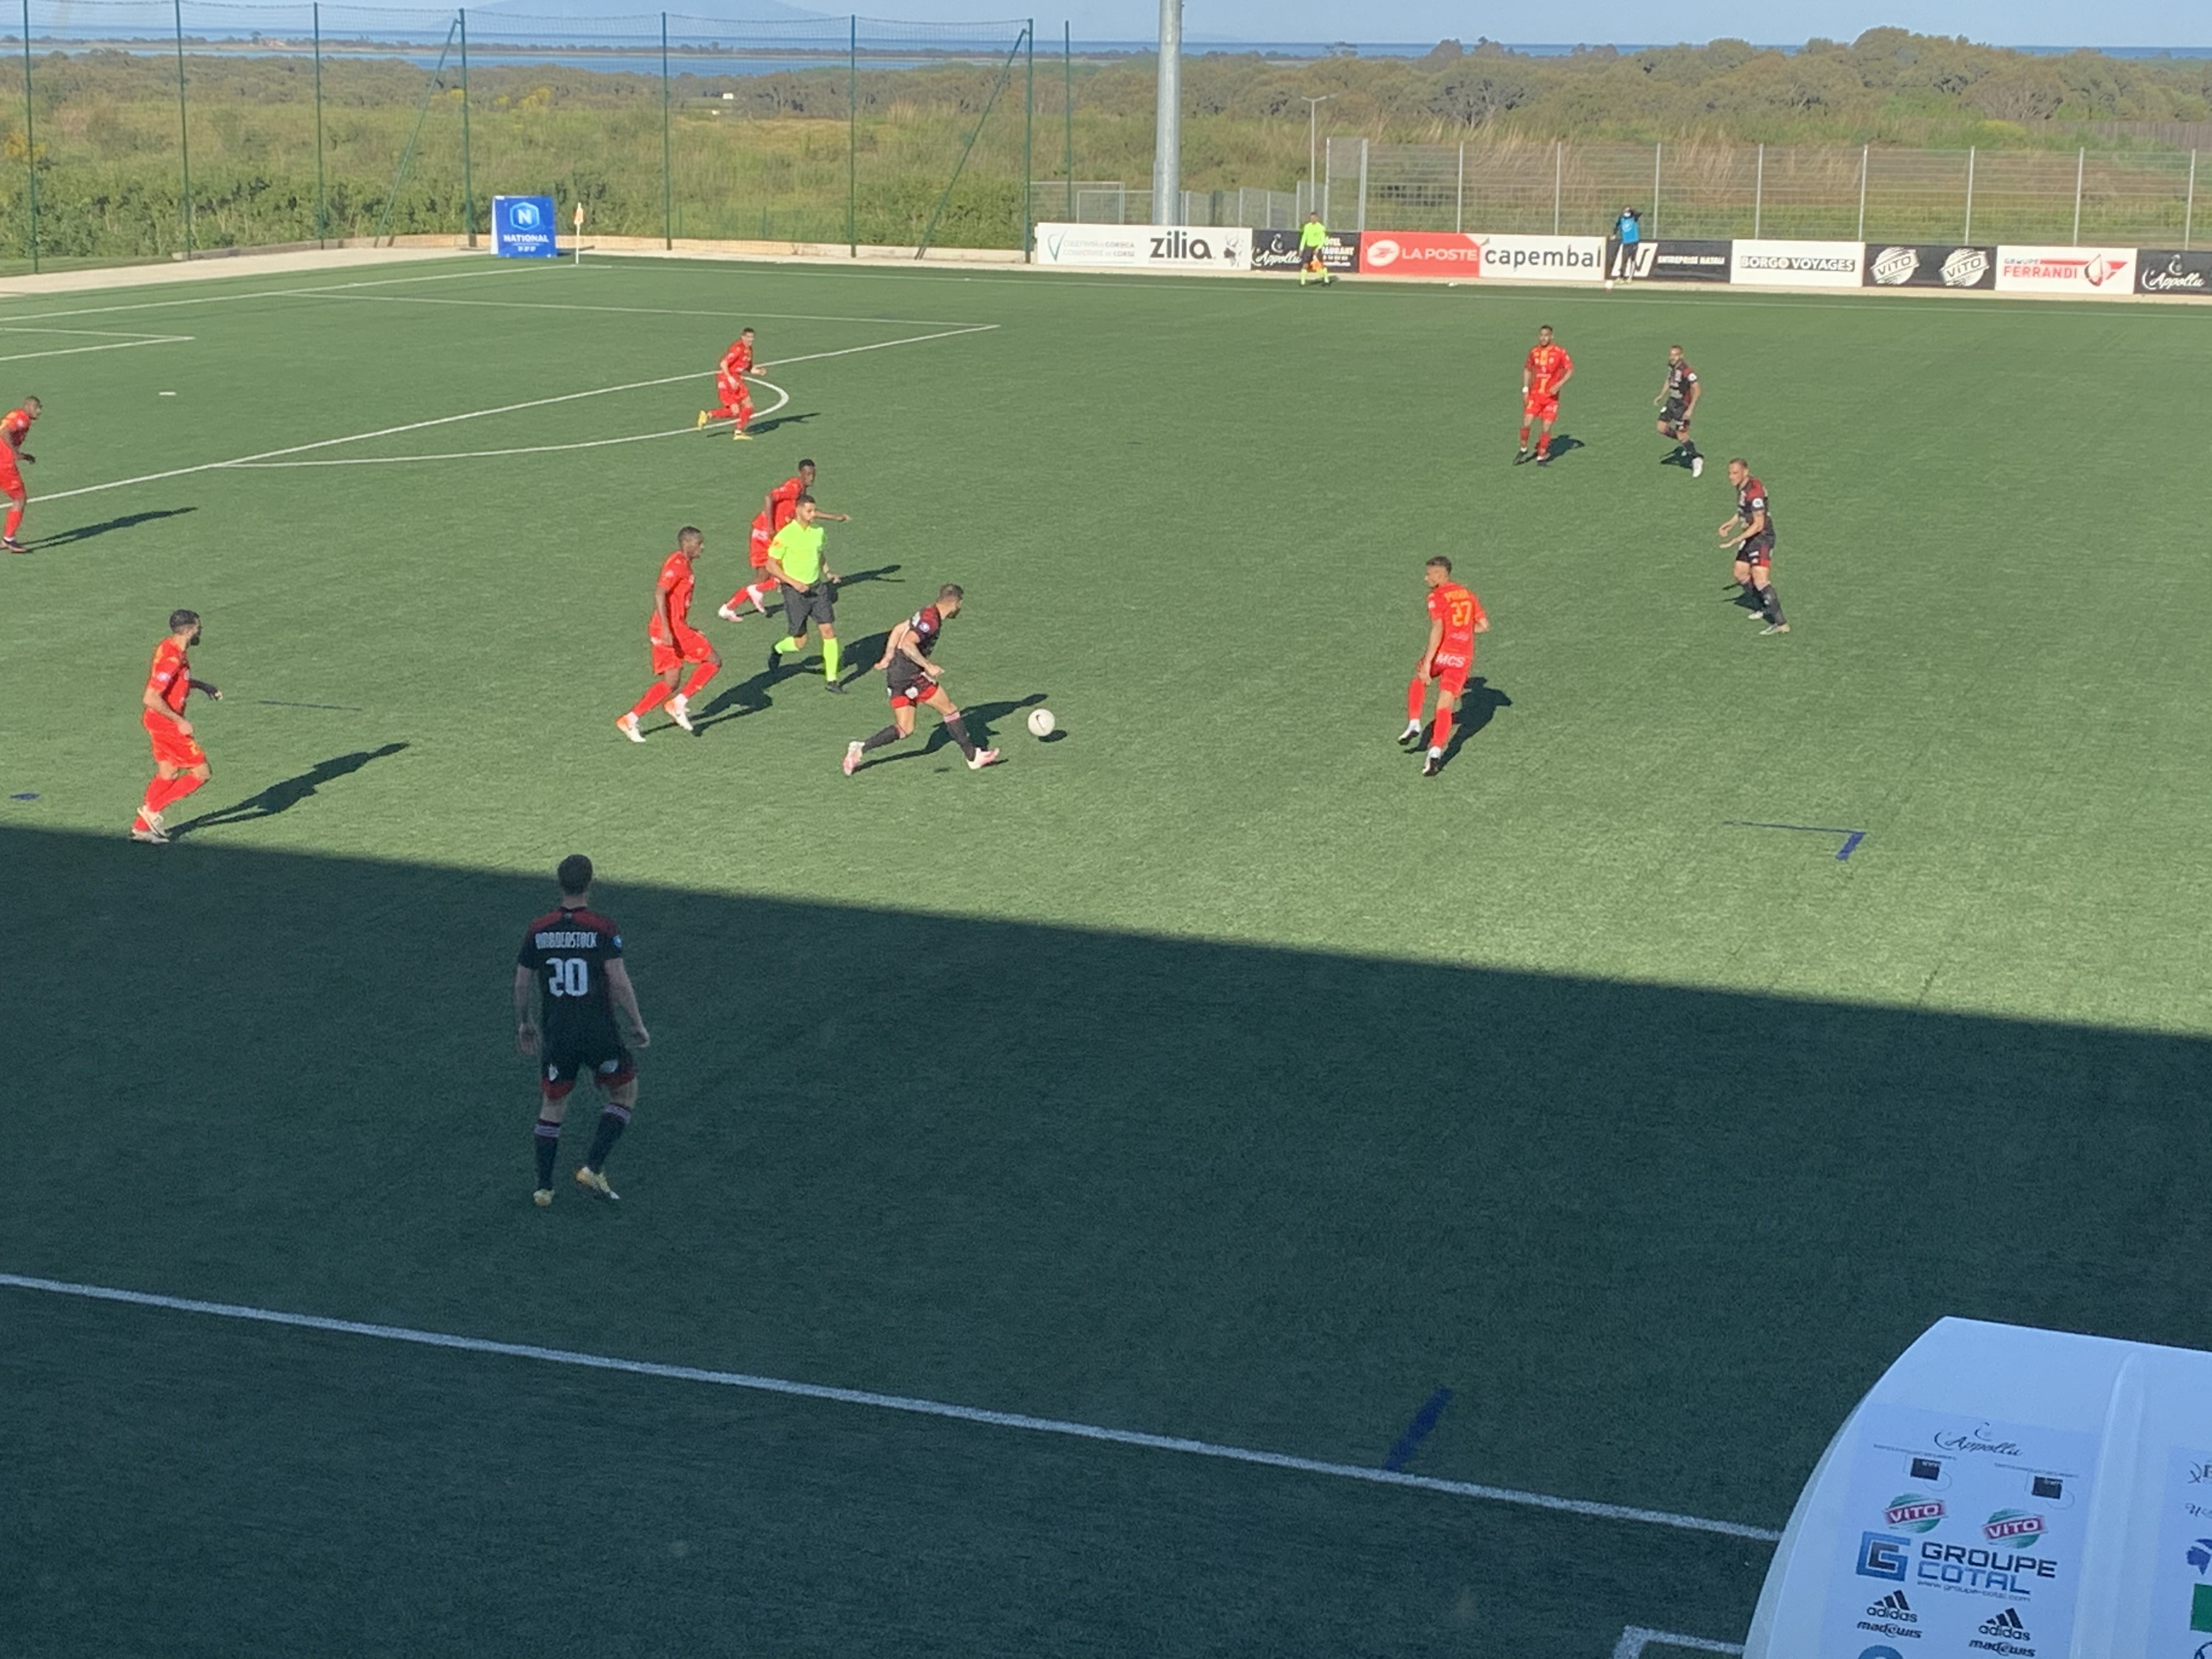 National : Frustrant match nul pour le FCBB face à Quevilly/Rouen (1-1).